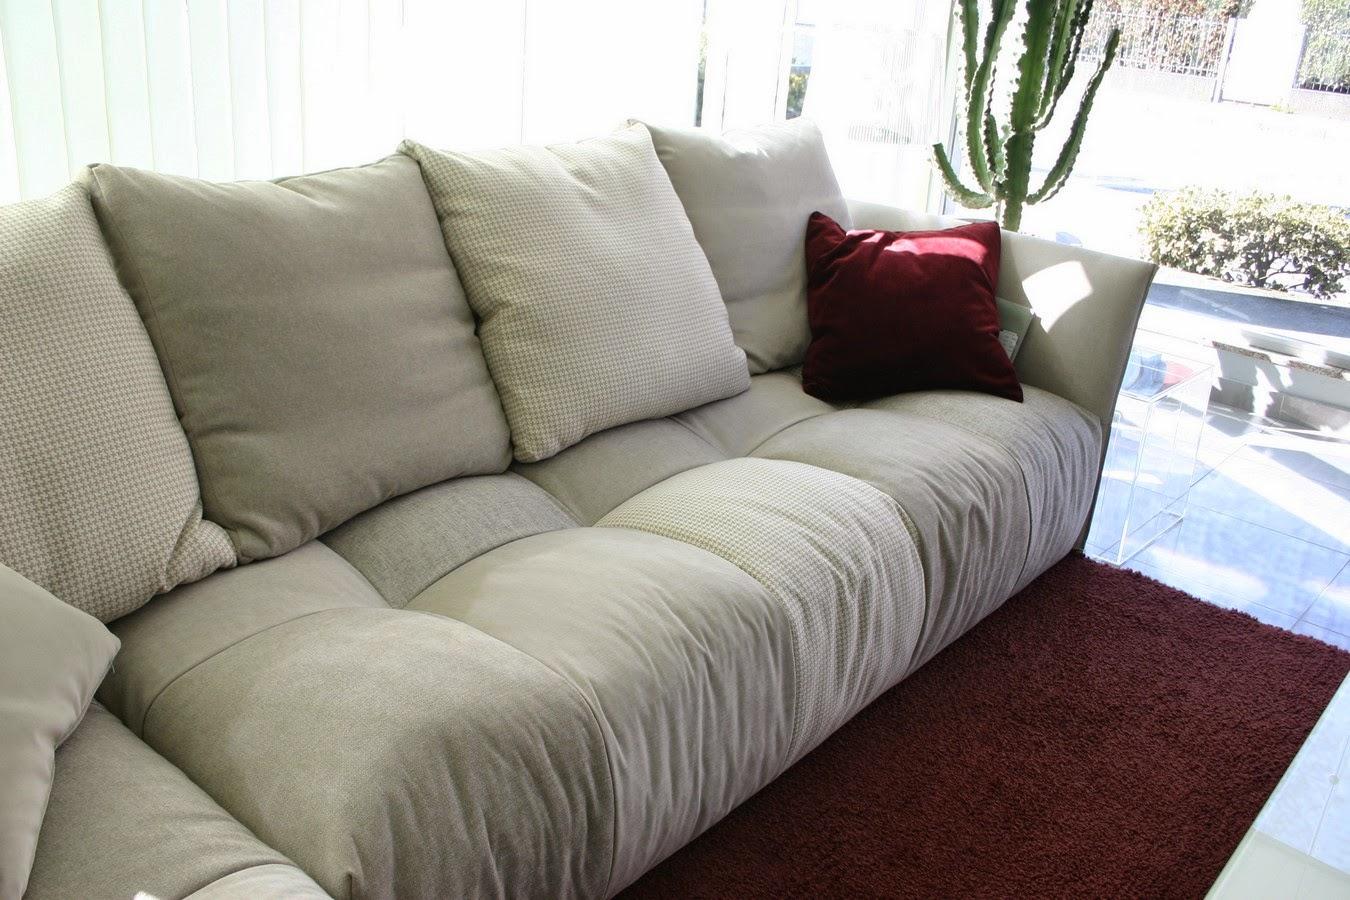 Soggiorni e salotti moderni arredo per la tua casa for Divano xxl conforama